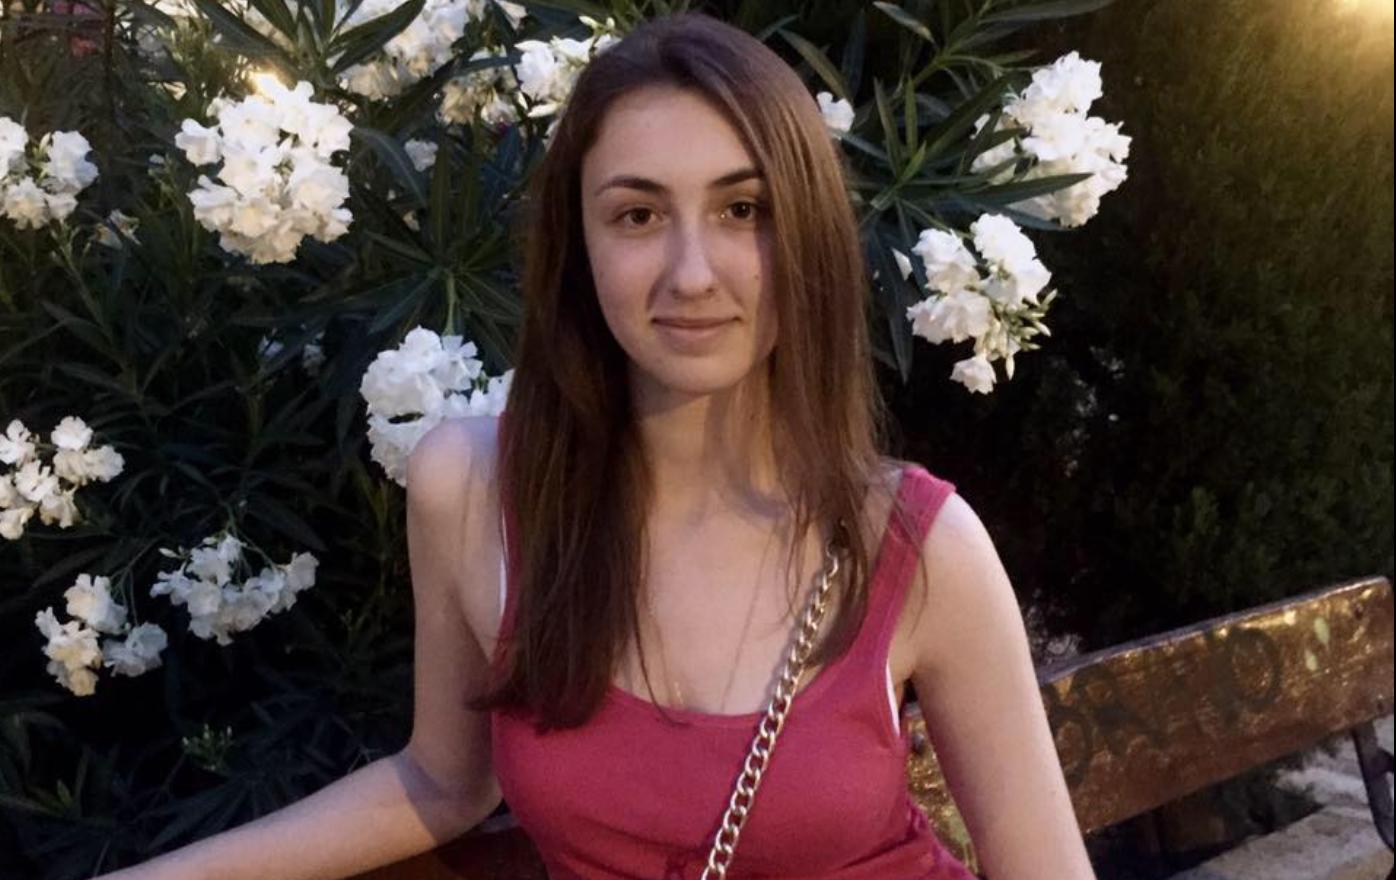 У рідному містечку дівчині без вищої освіти знайти високооплачувану роботу було просто неможливо, тому я наважилась поїхати на роботу в Італію.